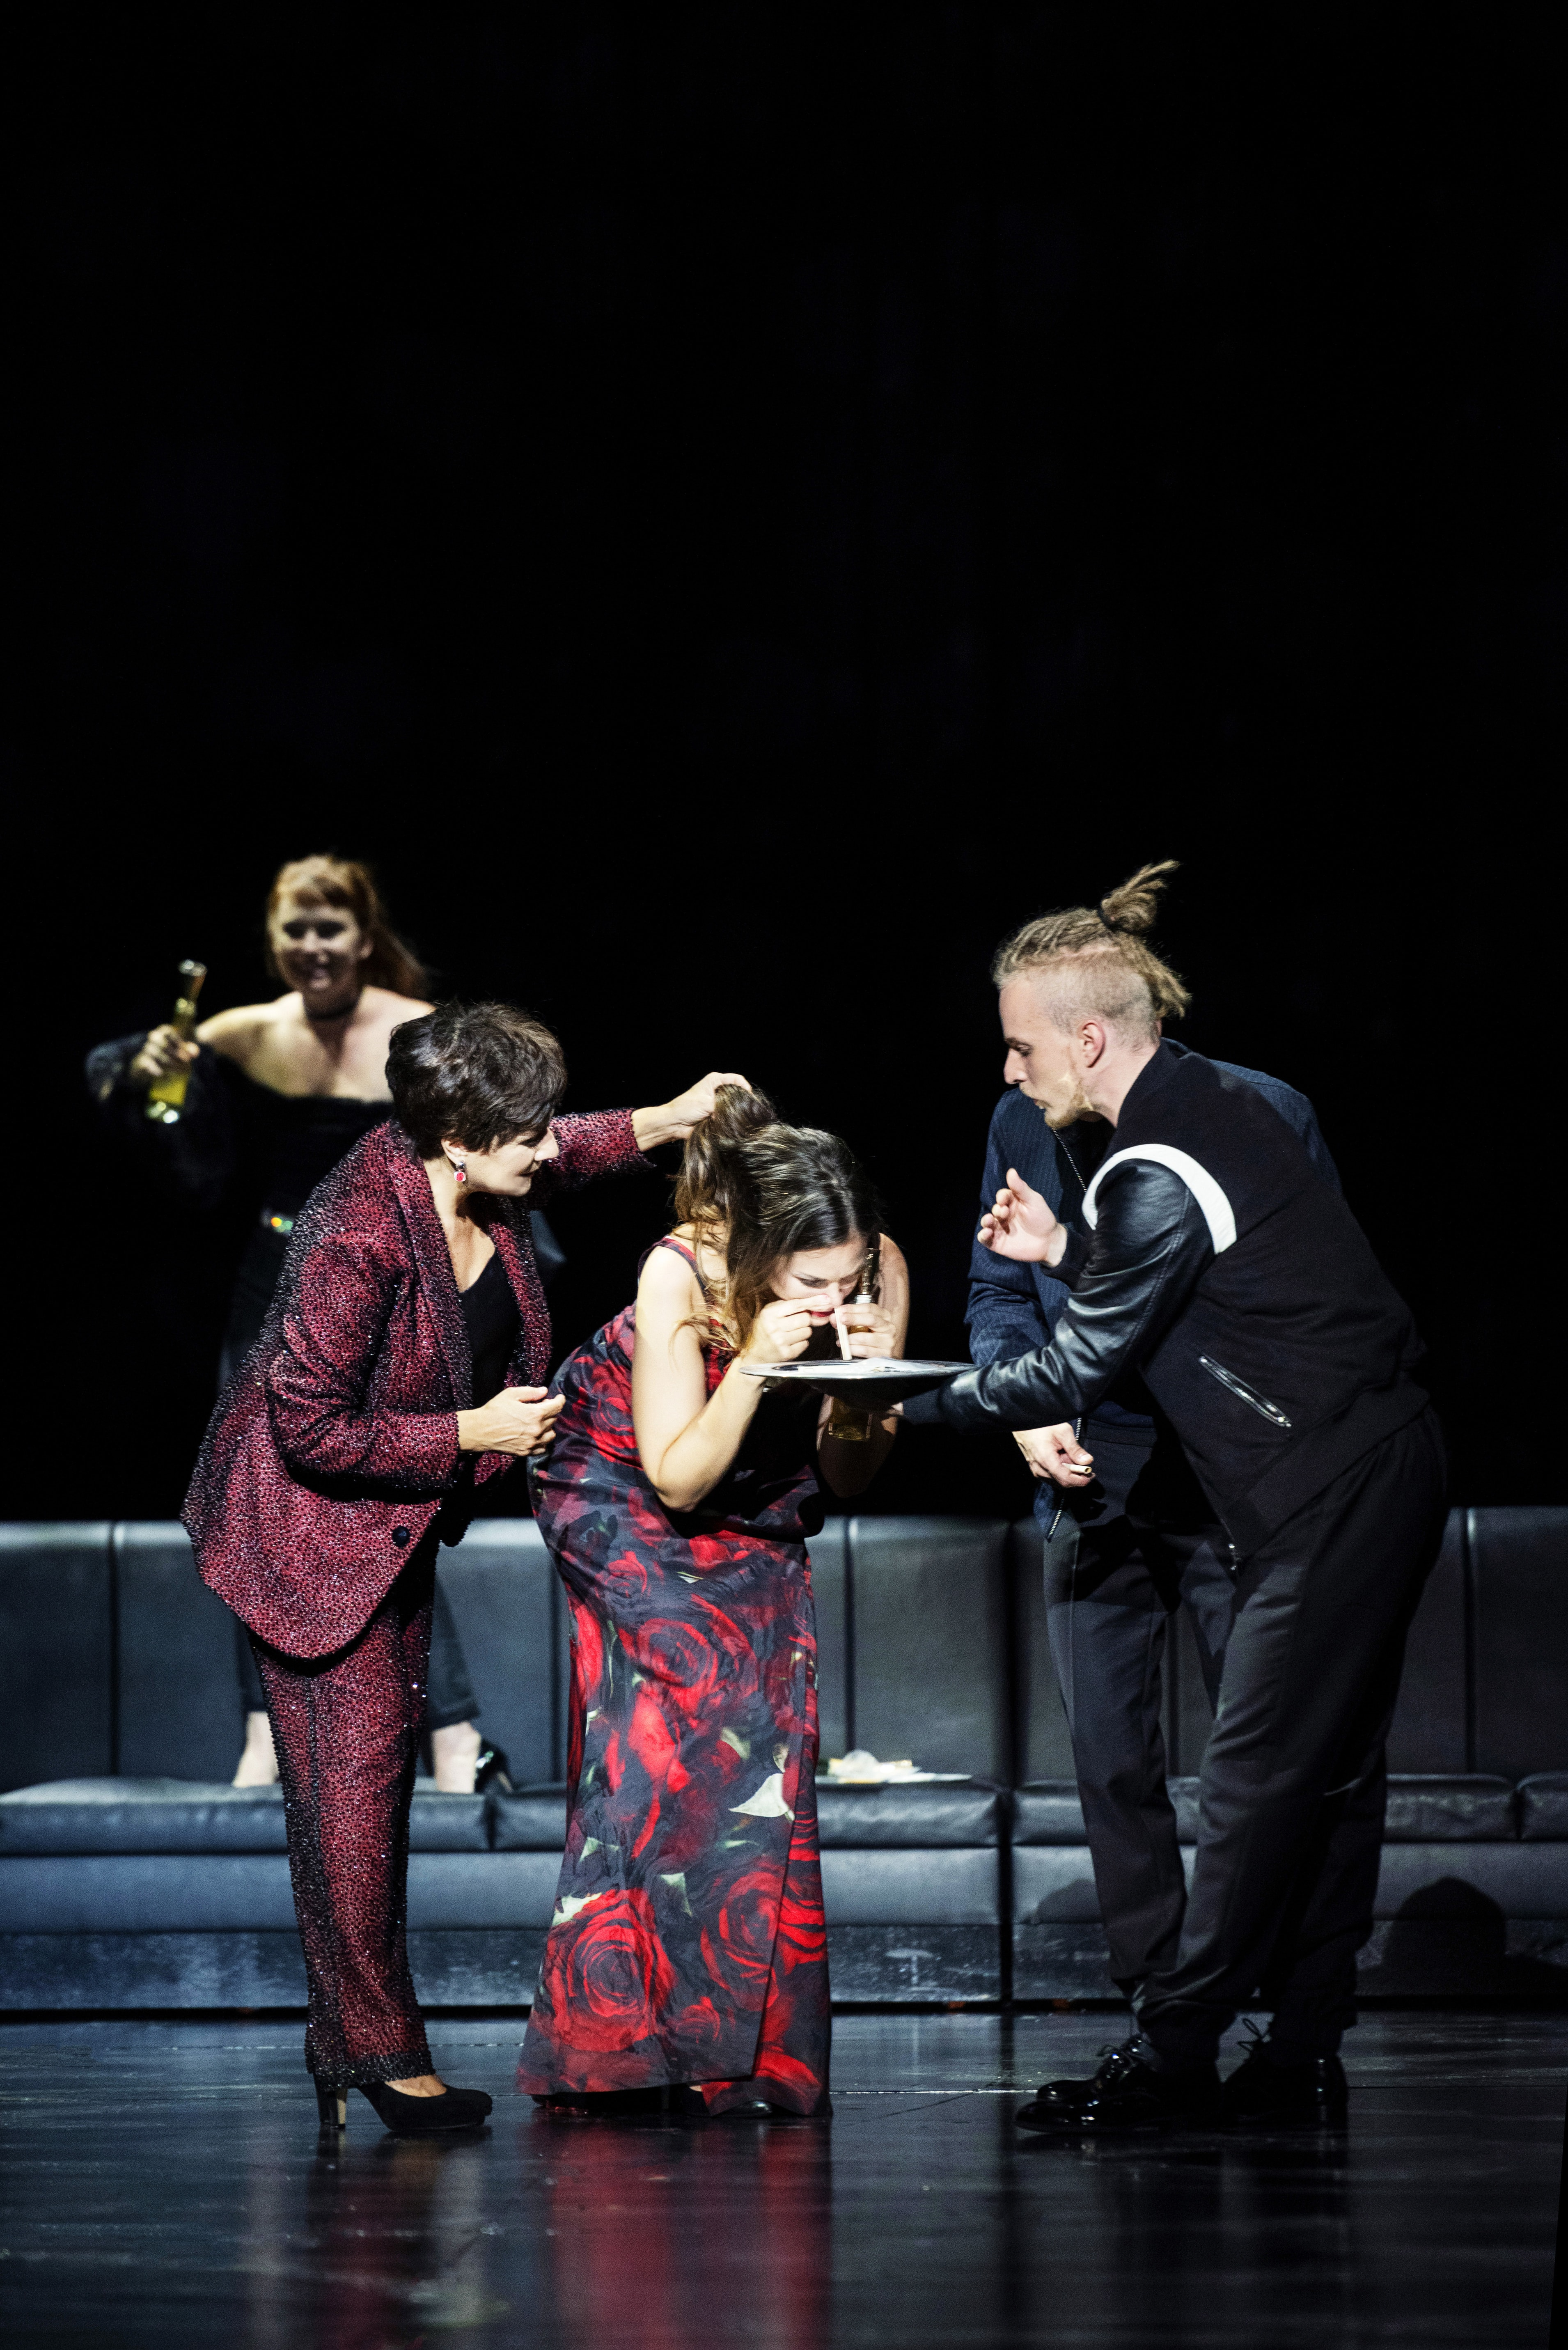 Il trionfo del Tempo e del Disinganno 2021: Cecilia Bartoli (Piacere), Regula Mühlemann (Bellezza), Ensemble